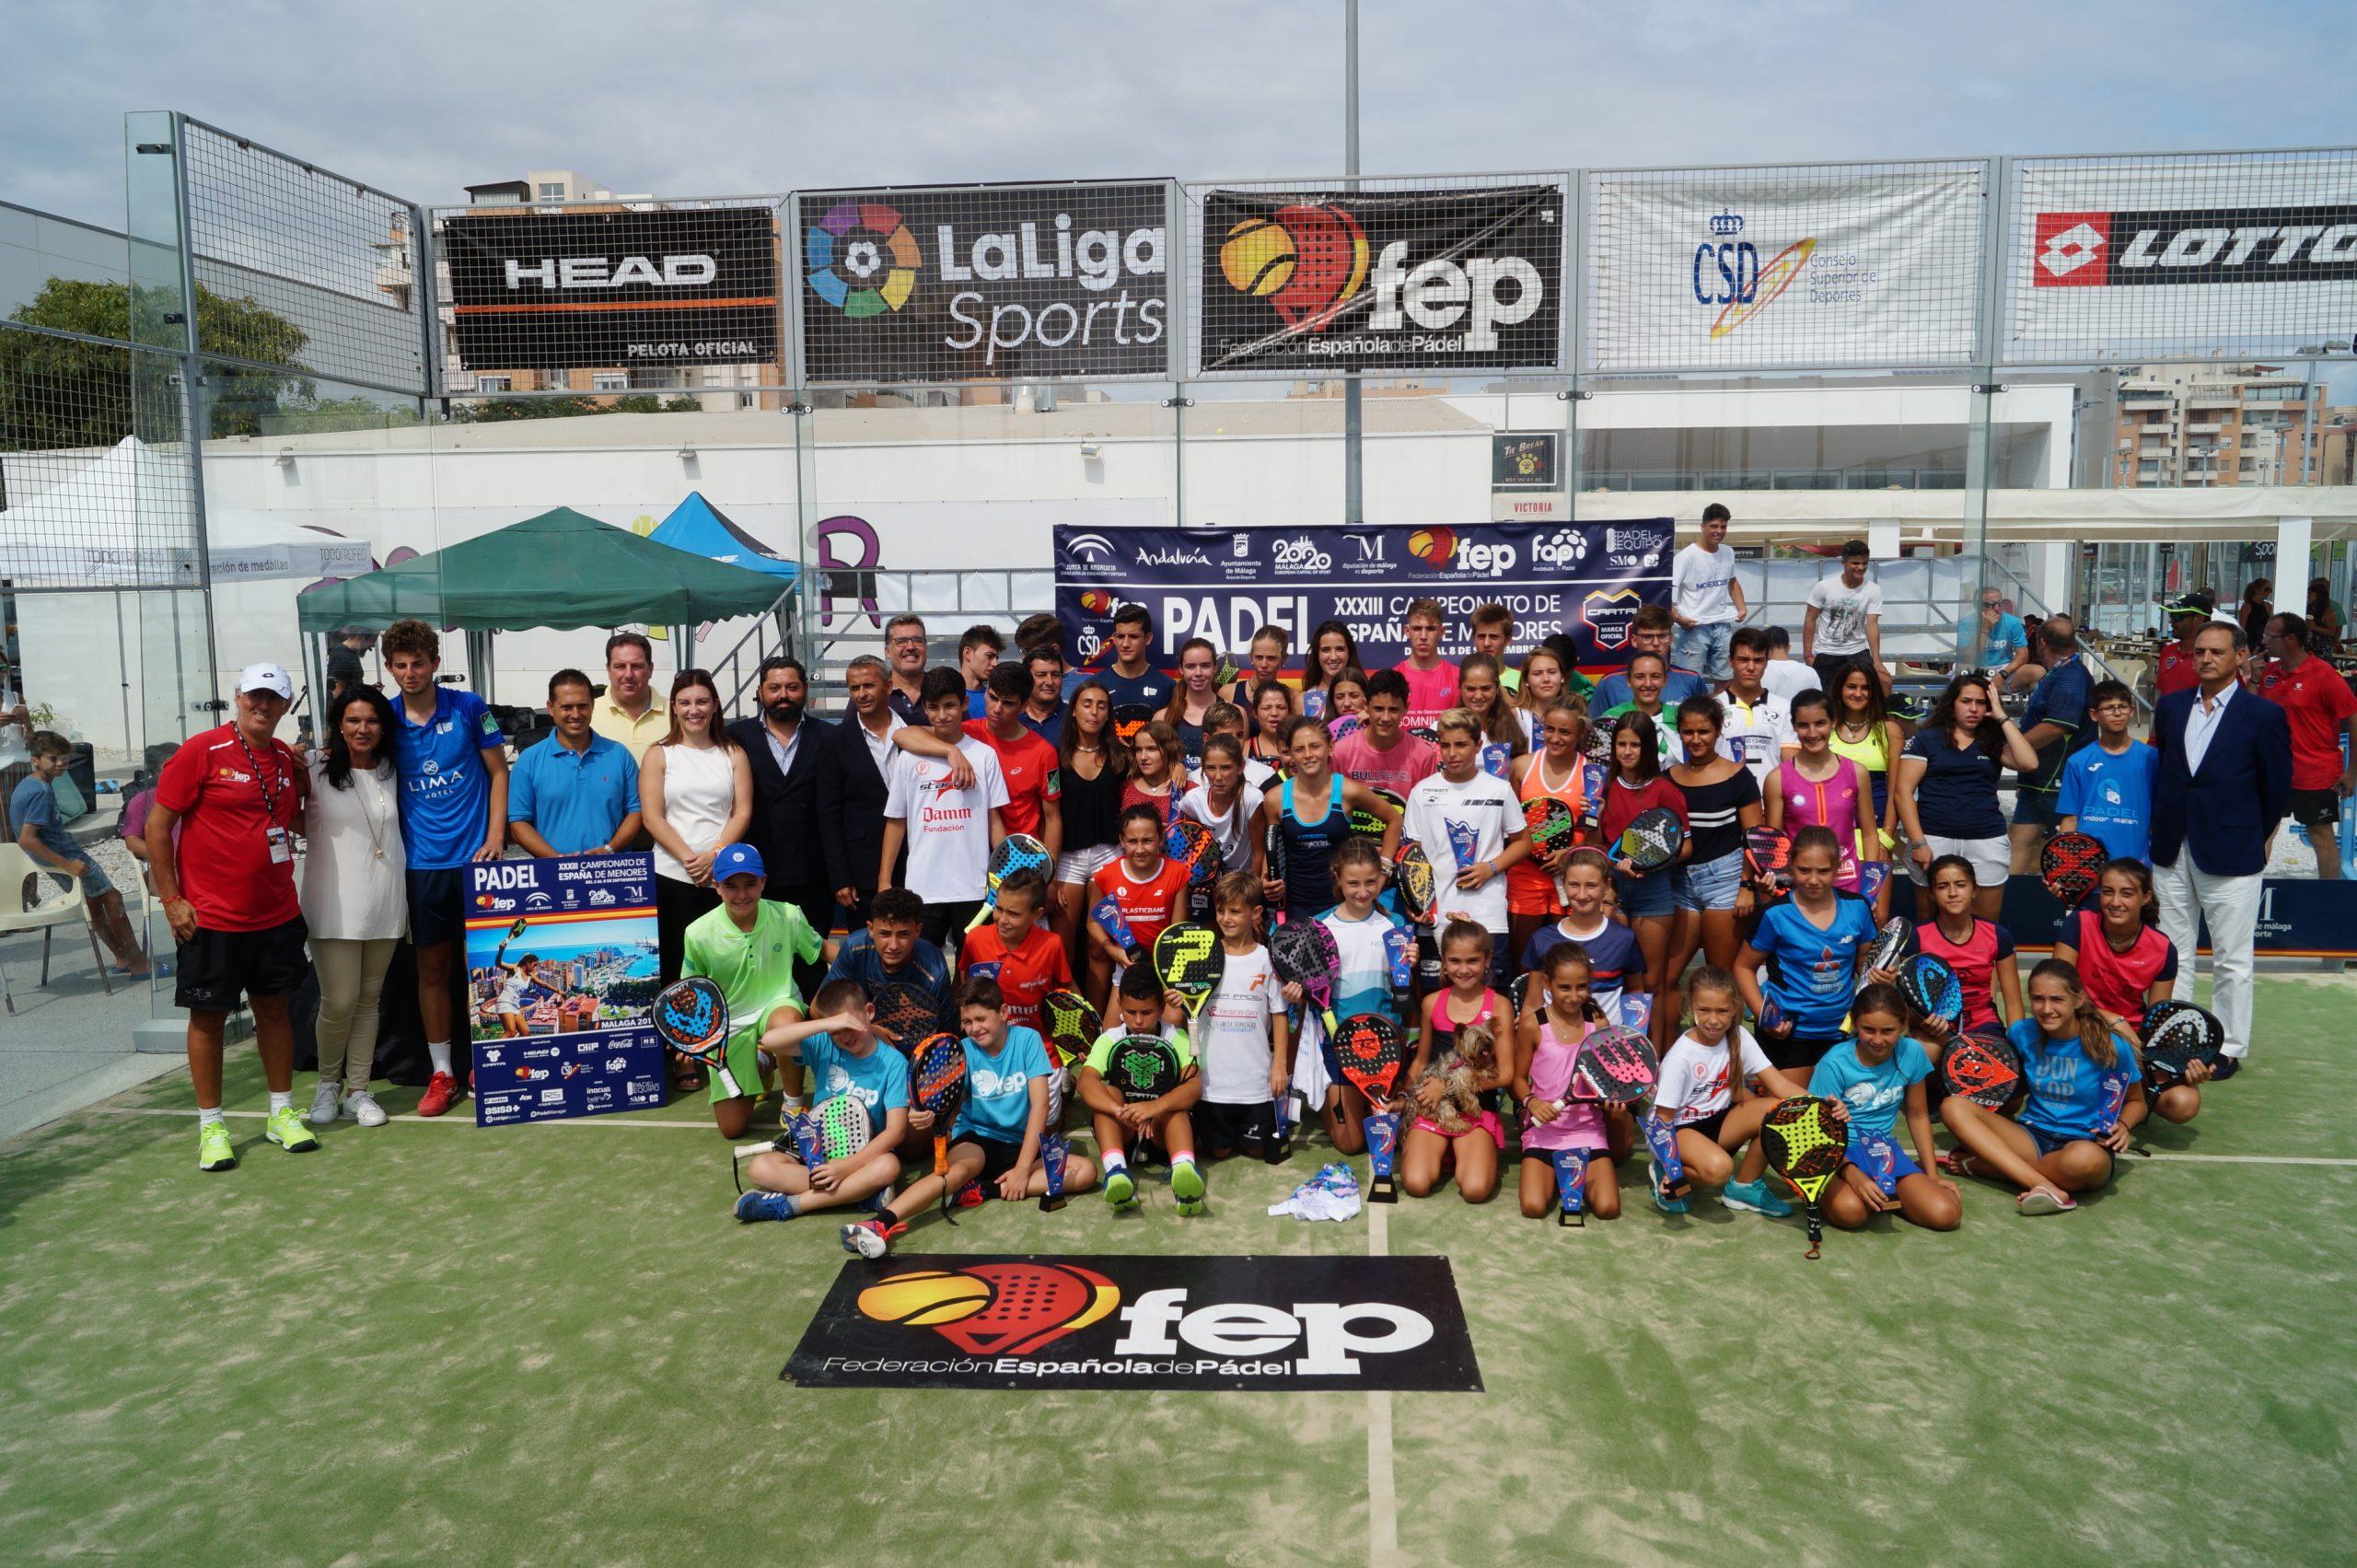 Campeonato de España de Menores de Pádel 2019